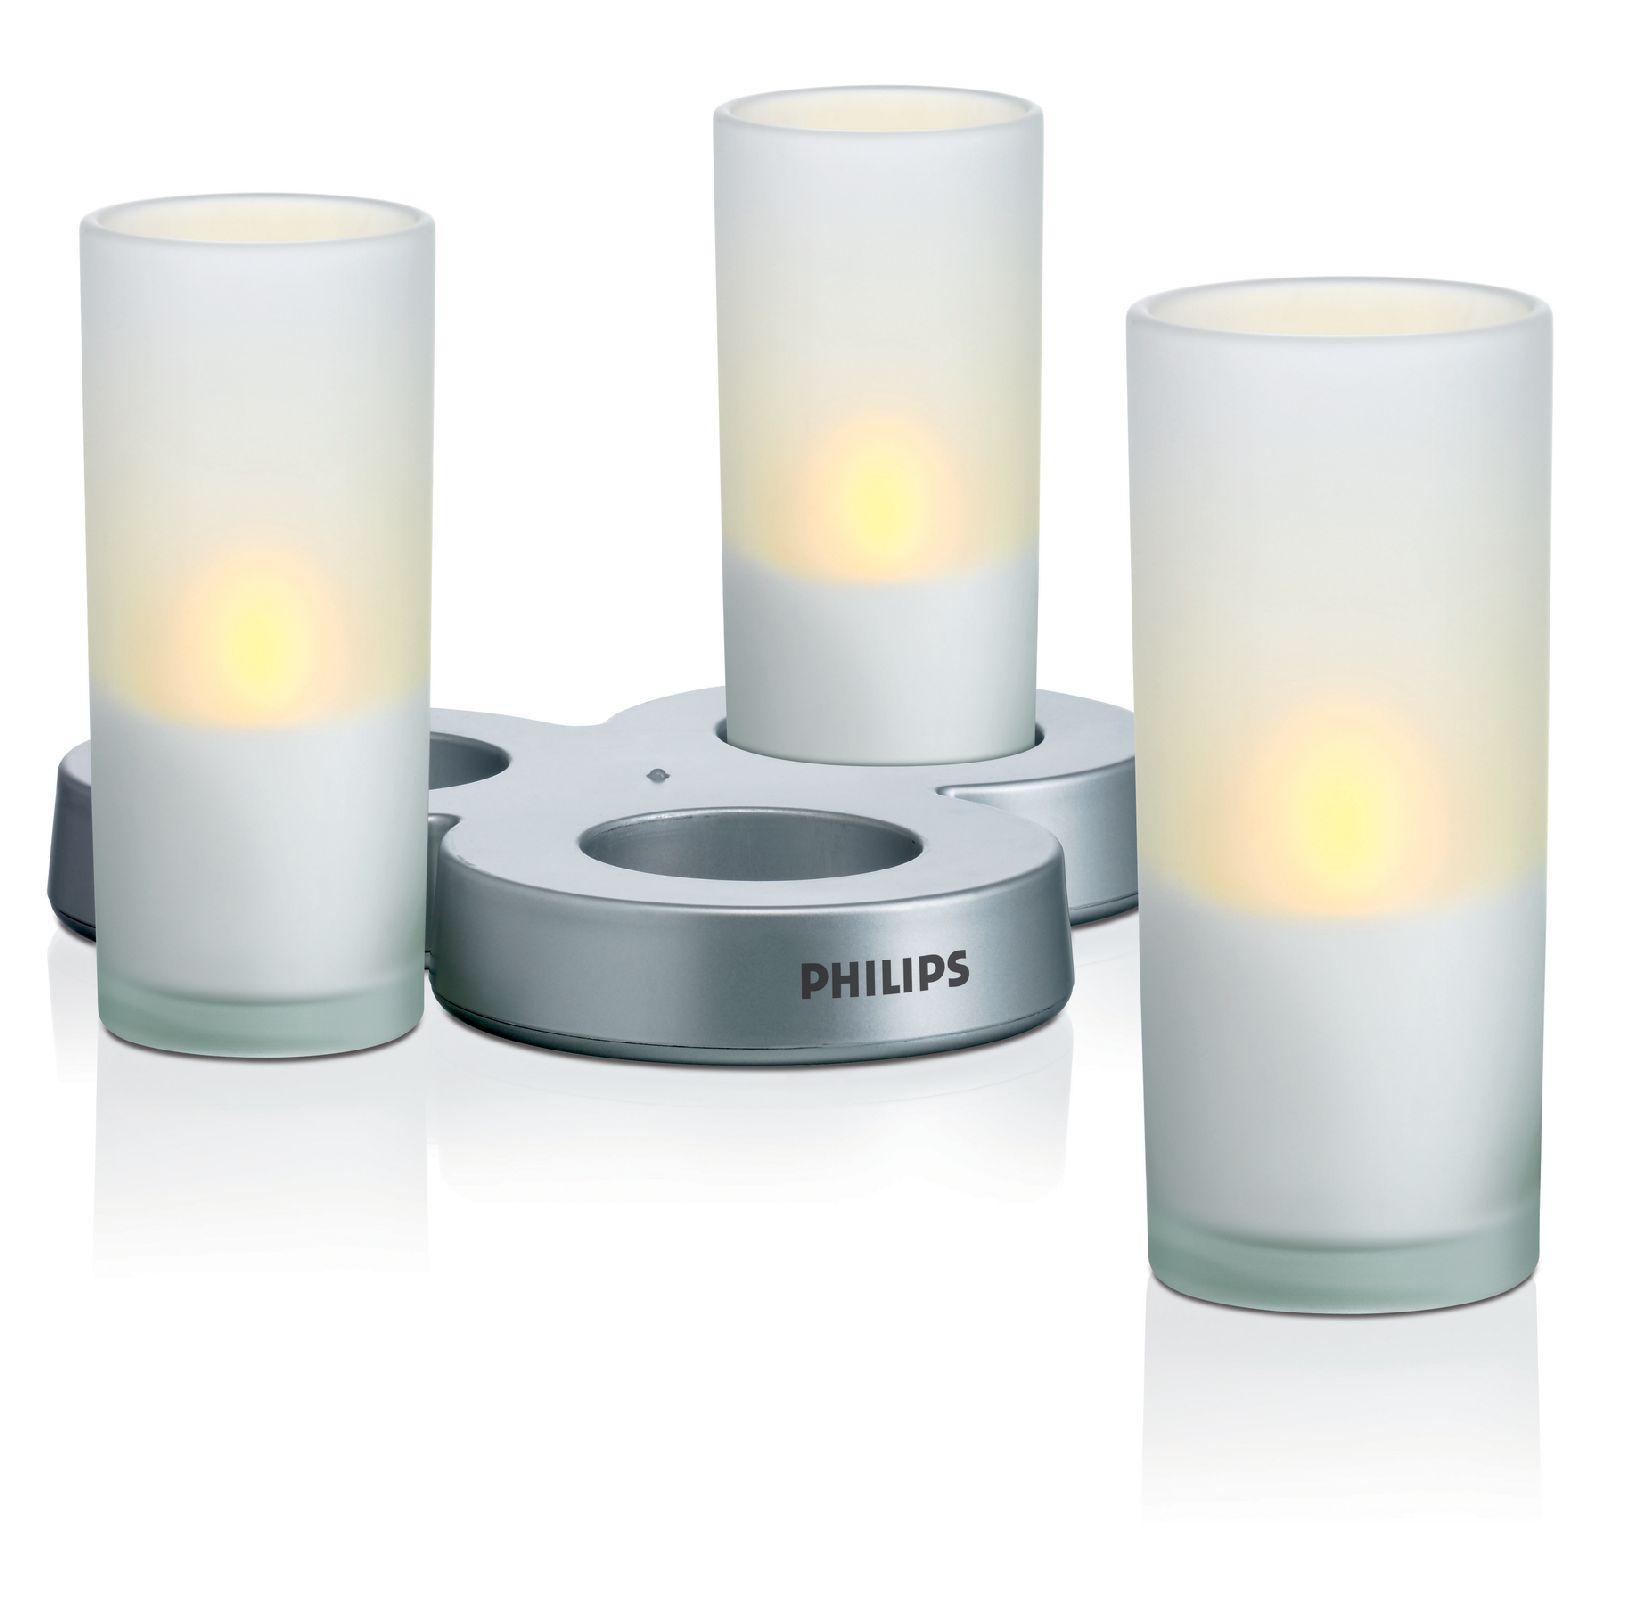 imageo-candlelights-yellow-von-philips Wunderbar Led Lampen E14 Warmweiß Dekorationen